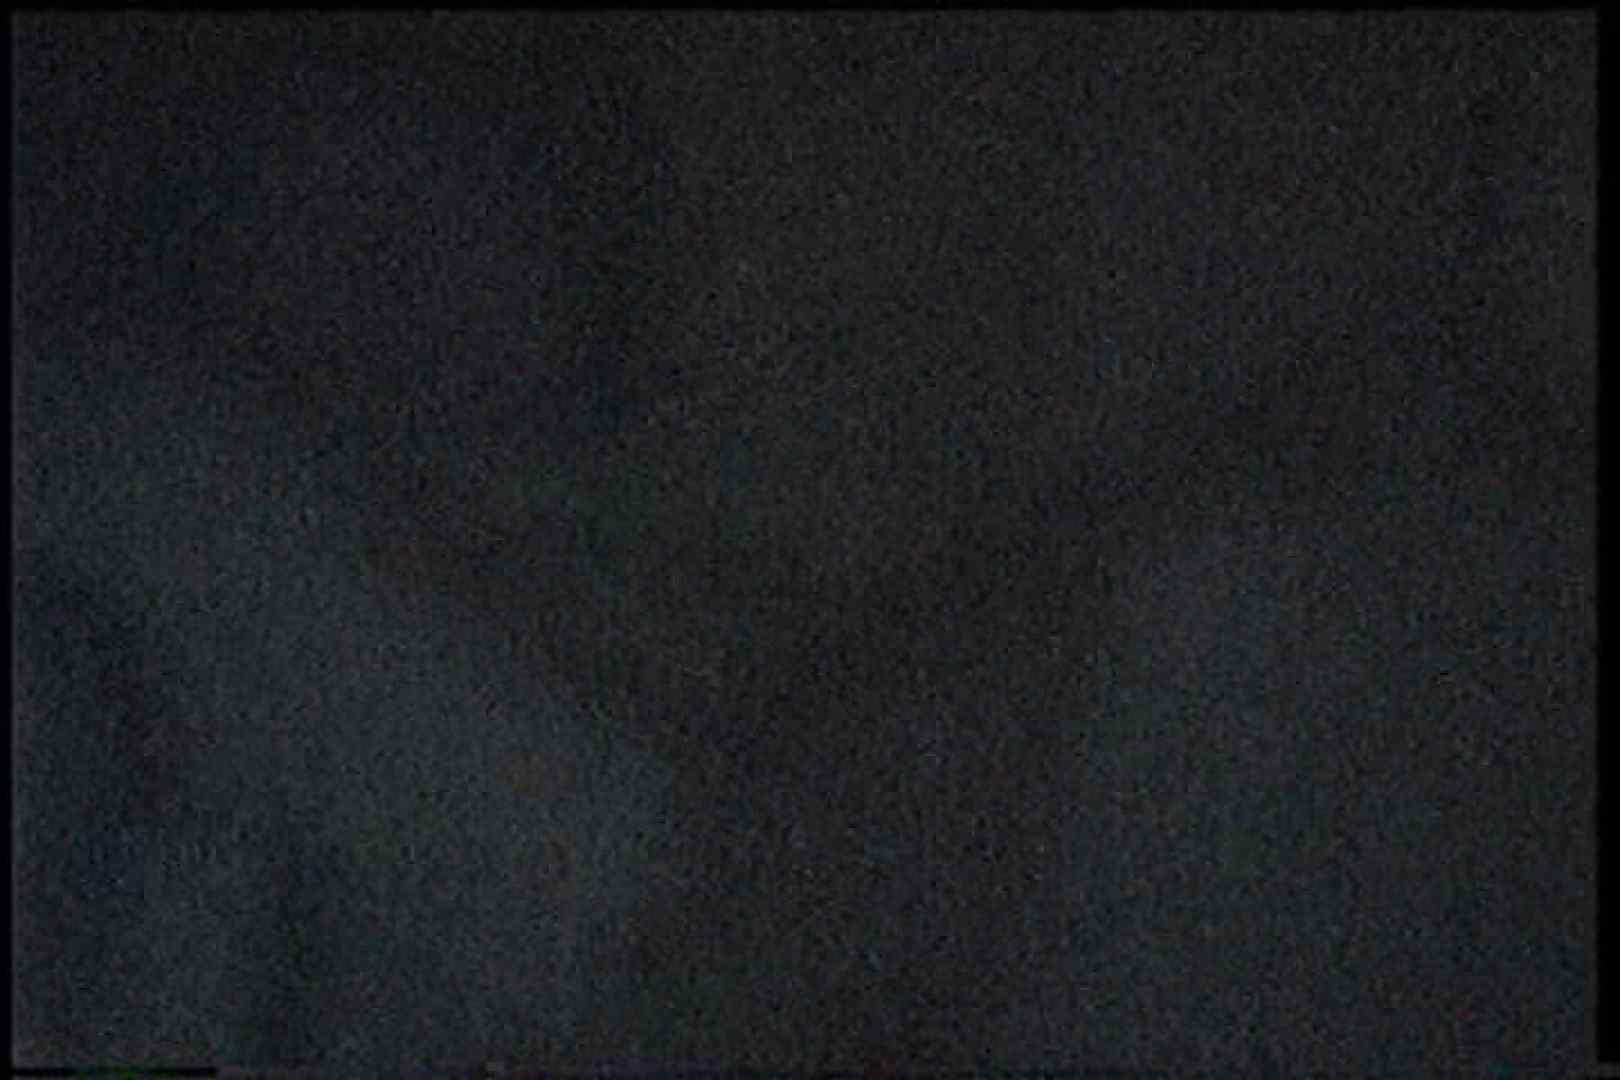 充血監督の深夜の運動会Vol.181 おまんこ無修正 AV動画キャプチャ 84画像 3